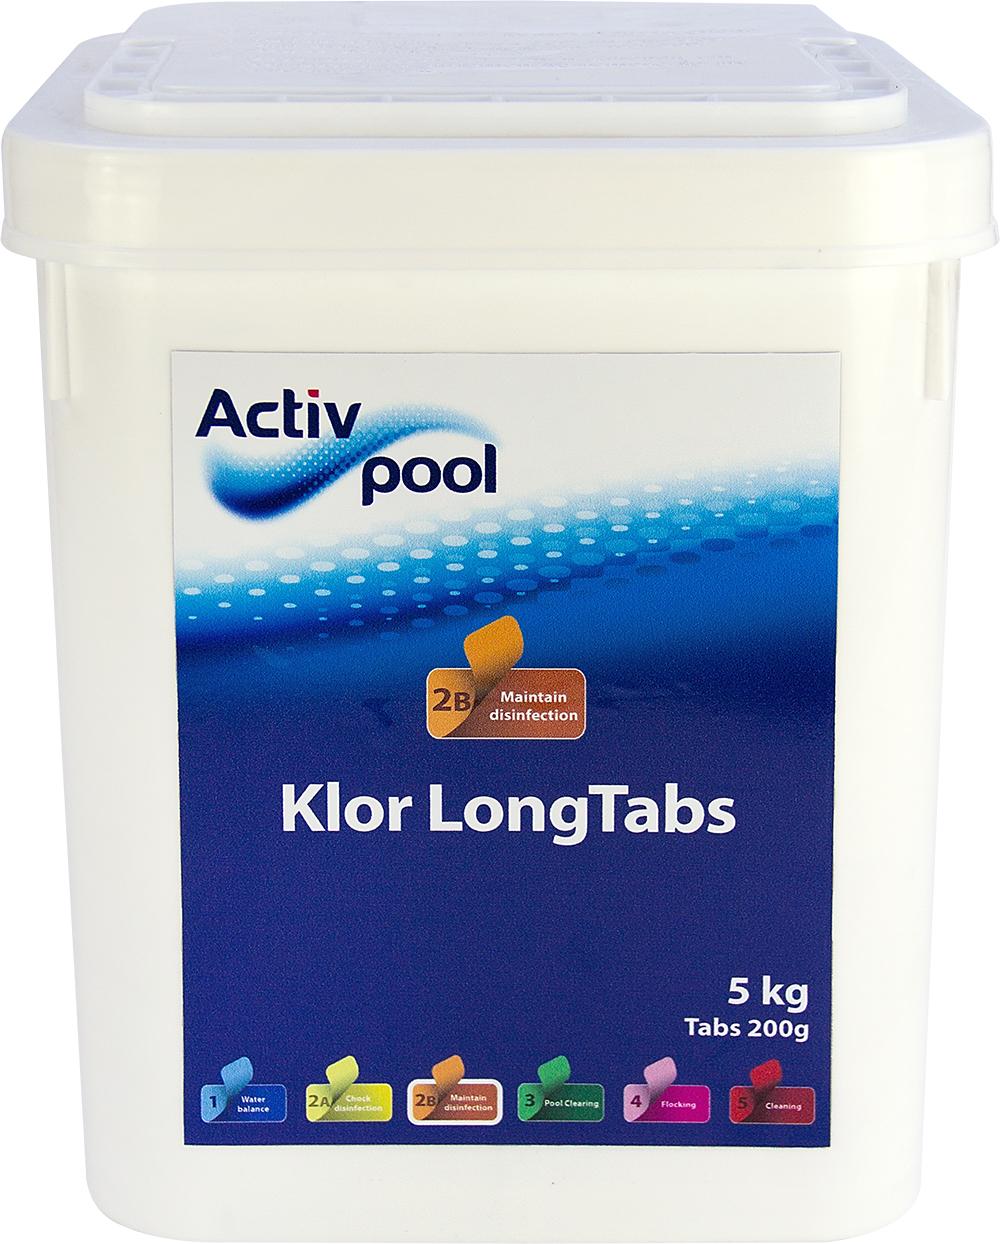 Activ Pool - Klor LongTabs, 200 g tabs / 5 kg | Daglig klor tabletter ustabiliseret | Activ Pool ...